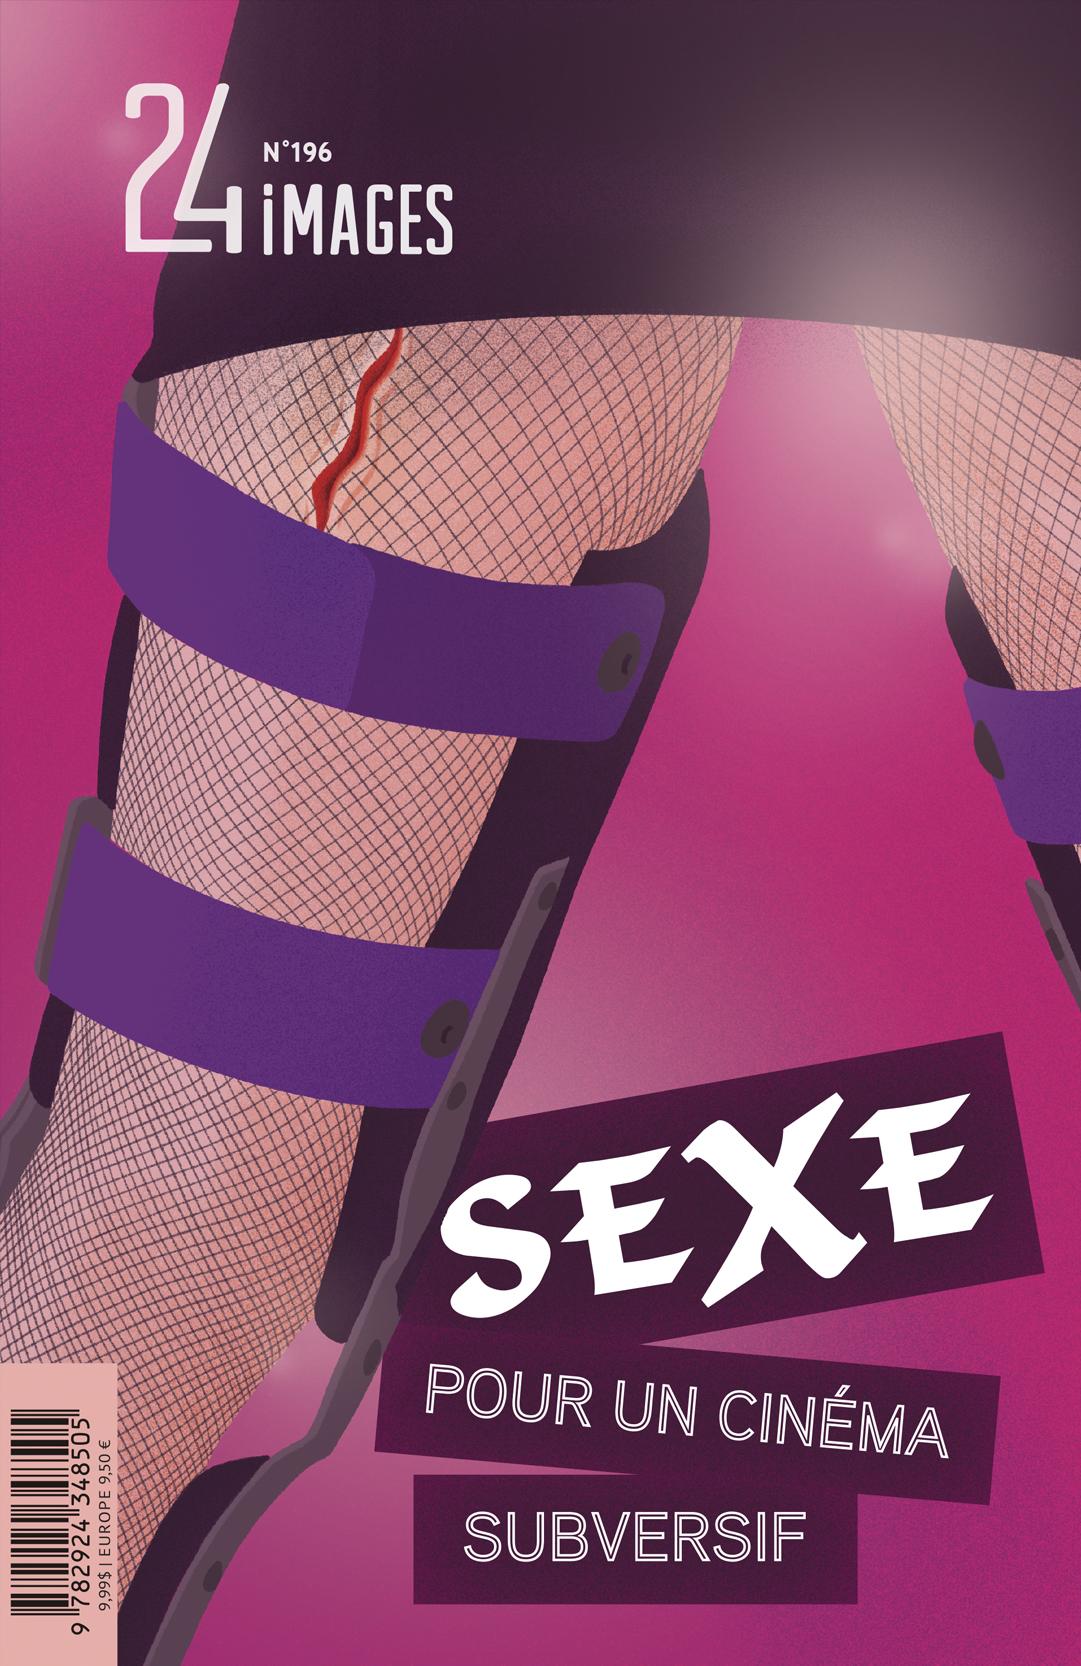 Sexe - Pour un cinéma subversif - N°196 de la revue 24 images